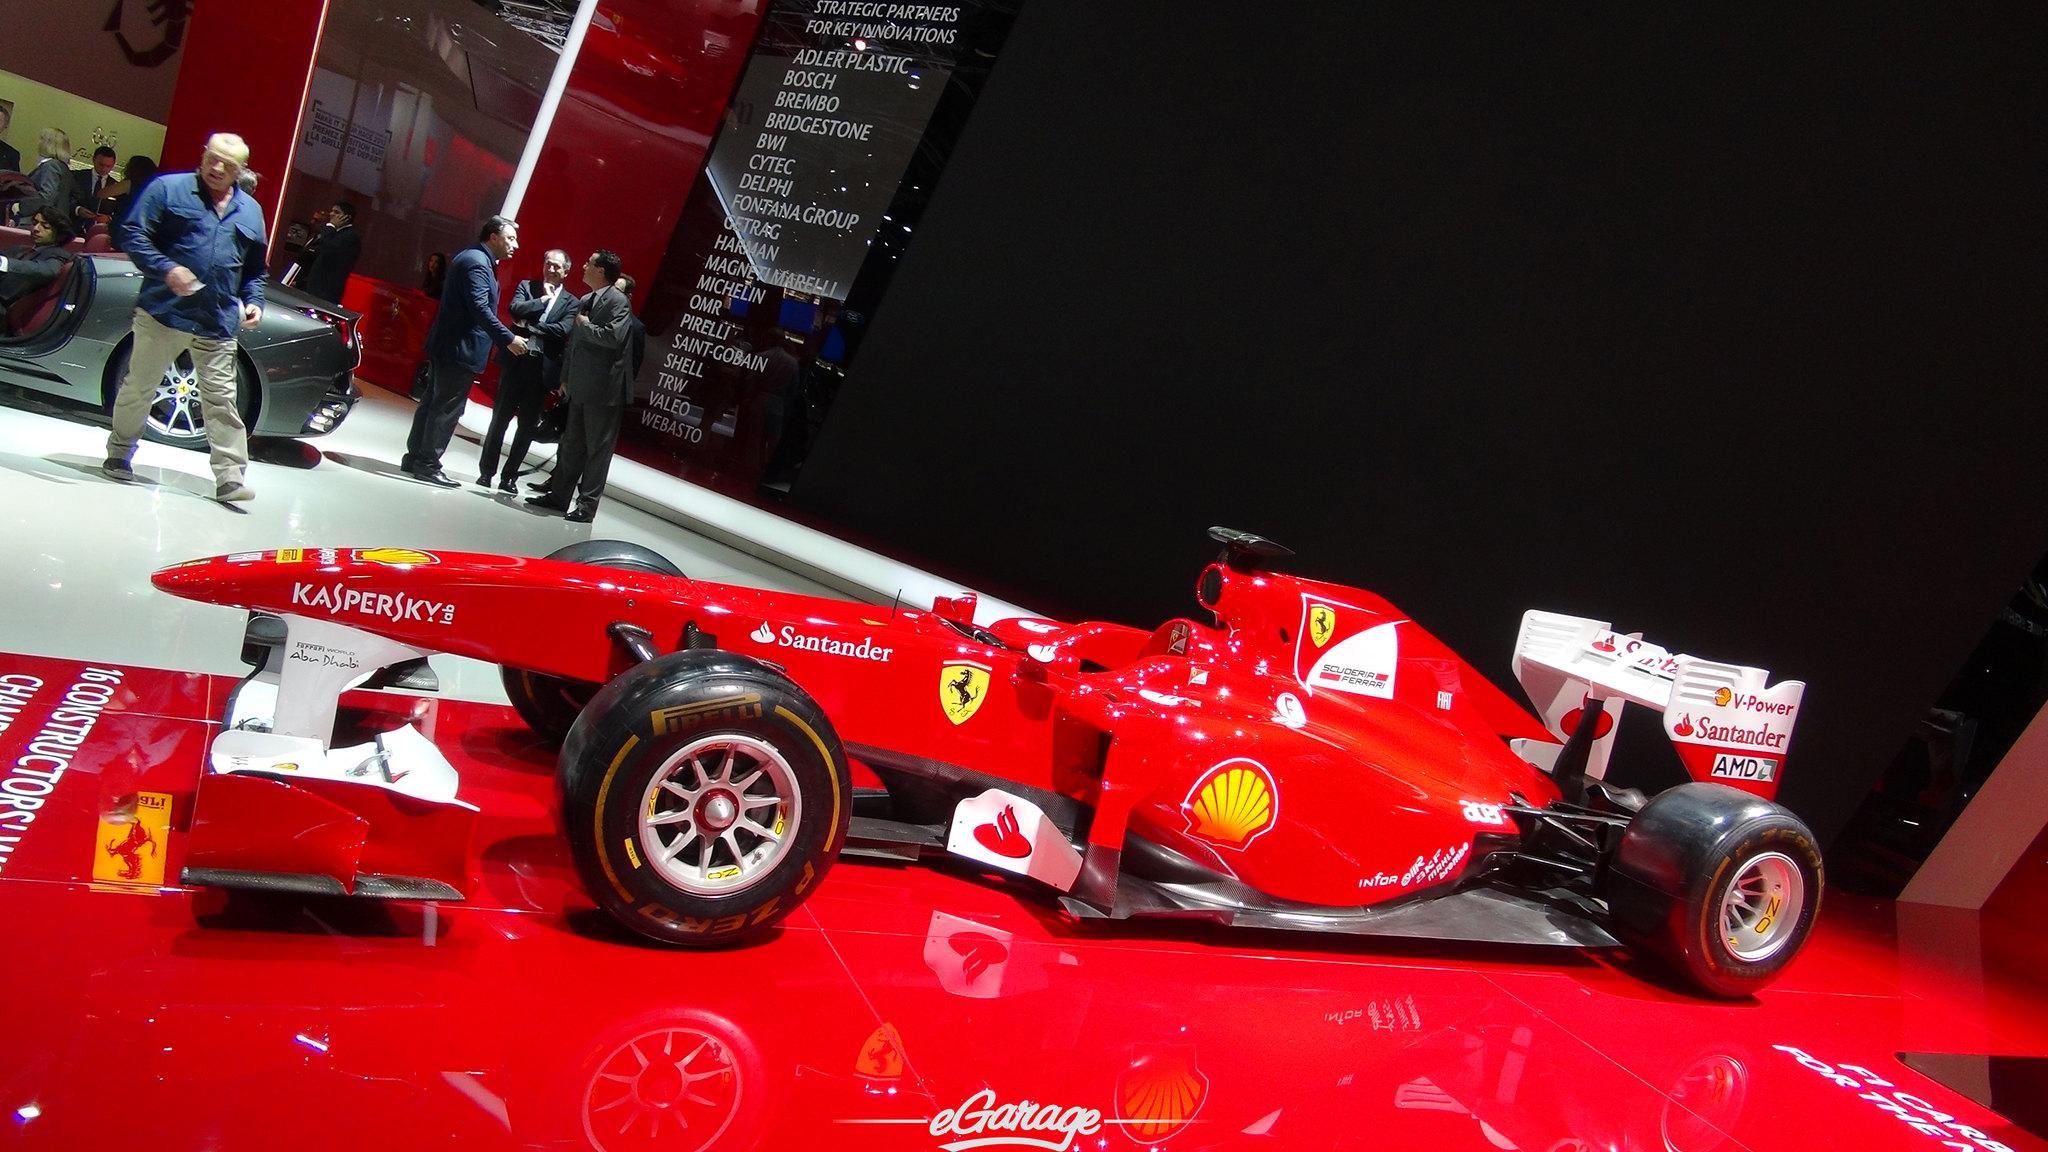 8034746749 079ebf3e73 k 2012 Paris Motor Show